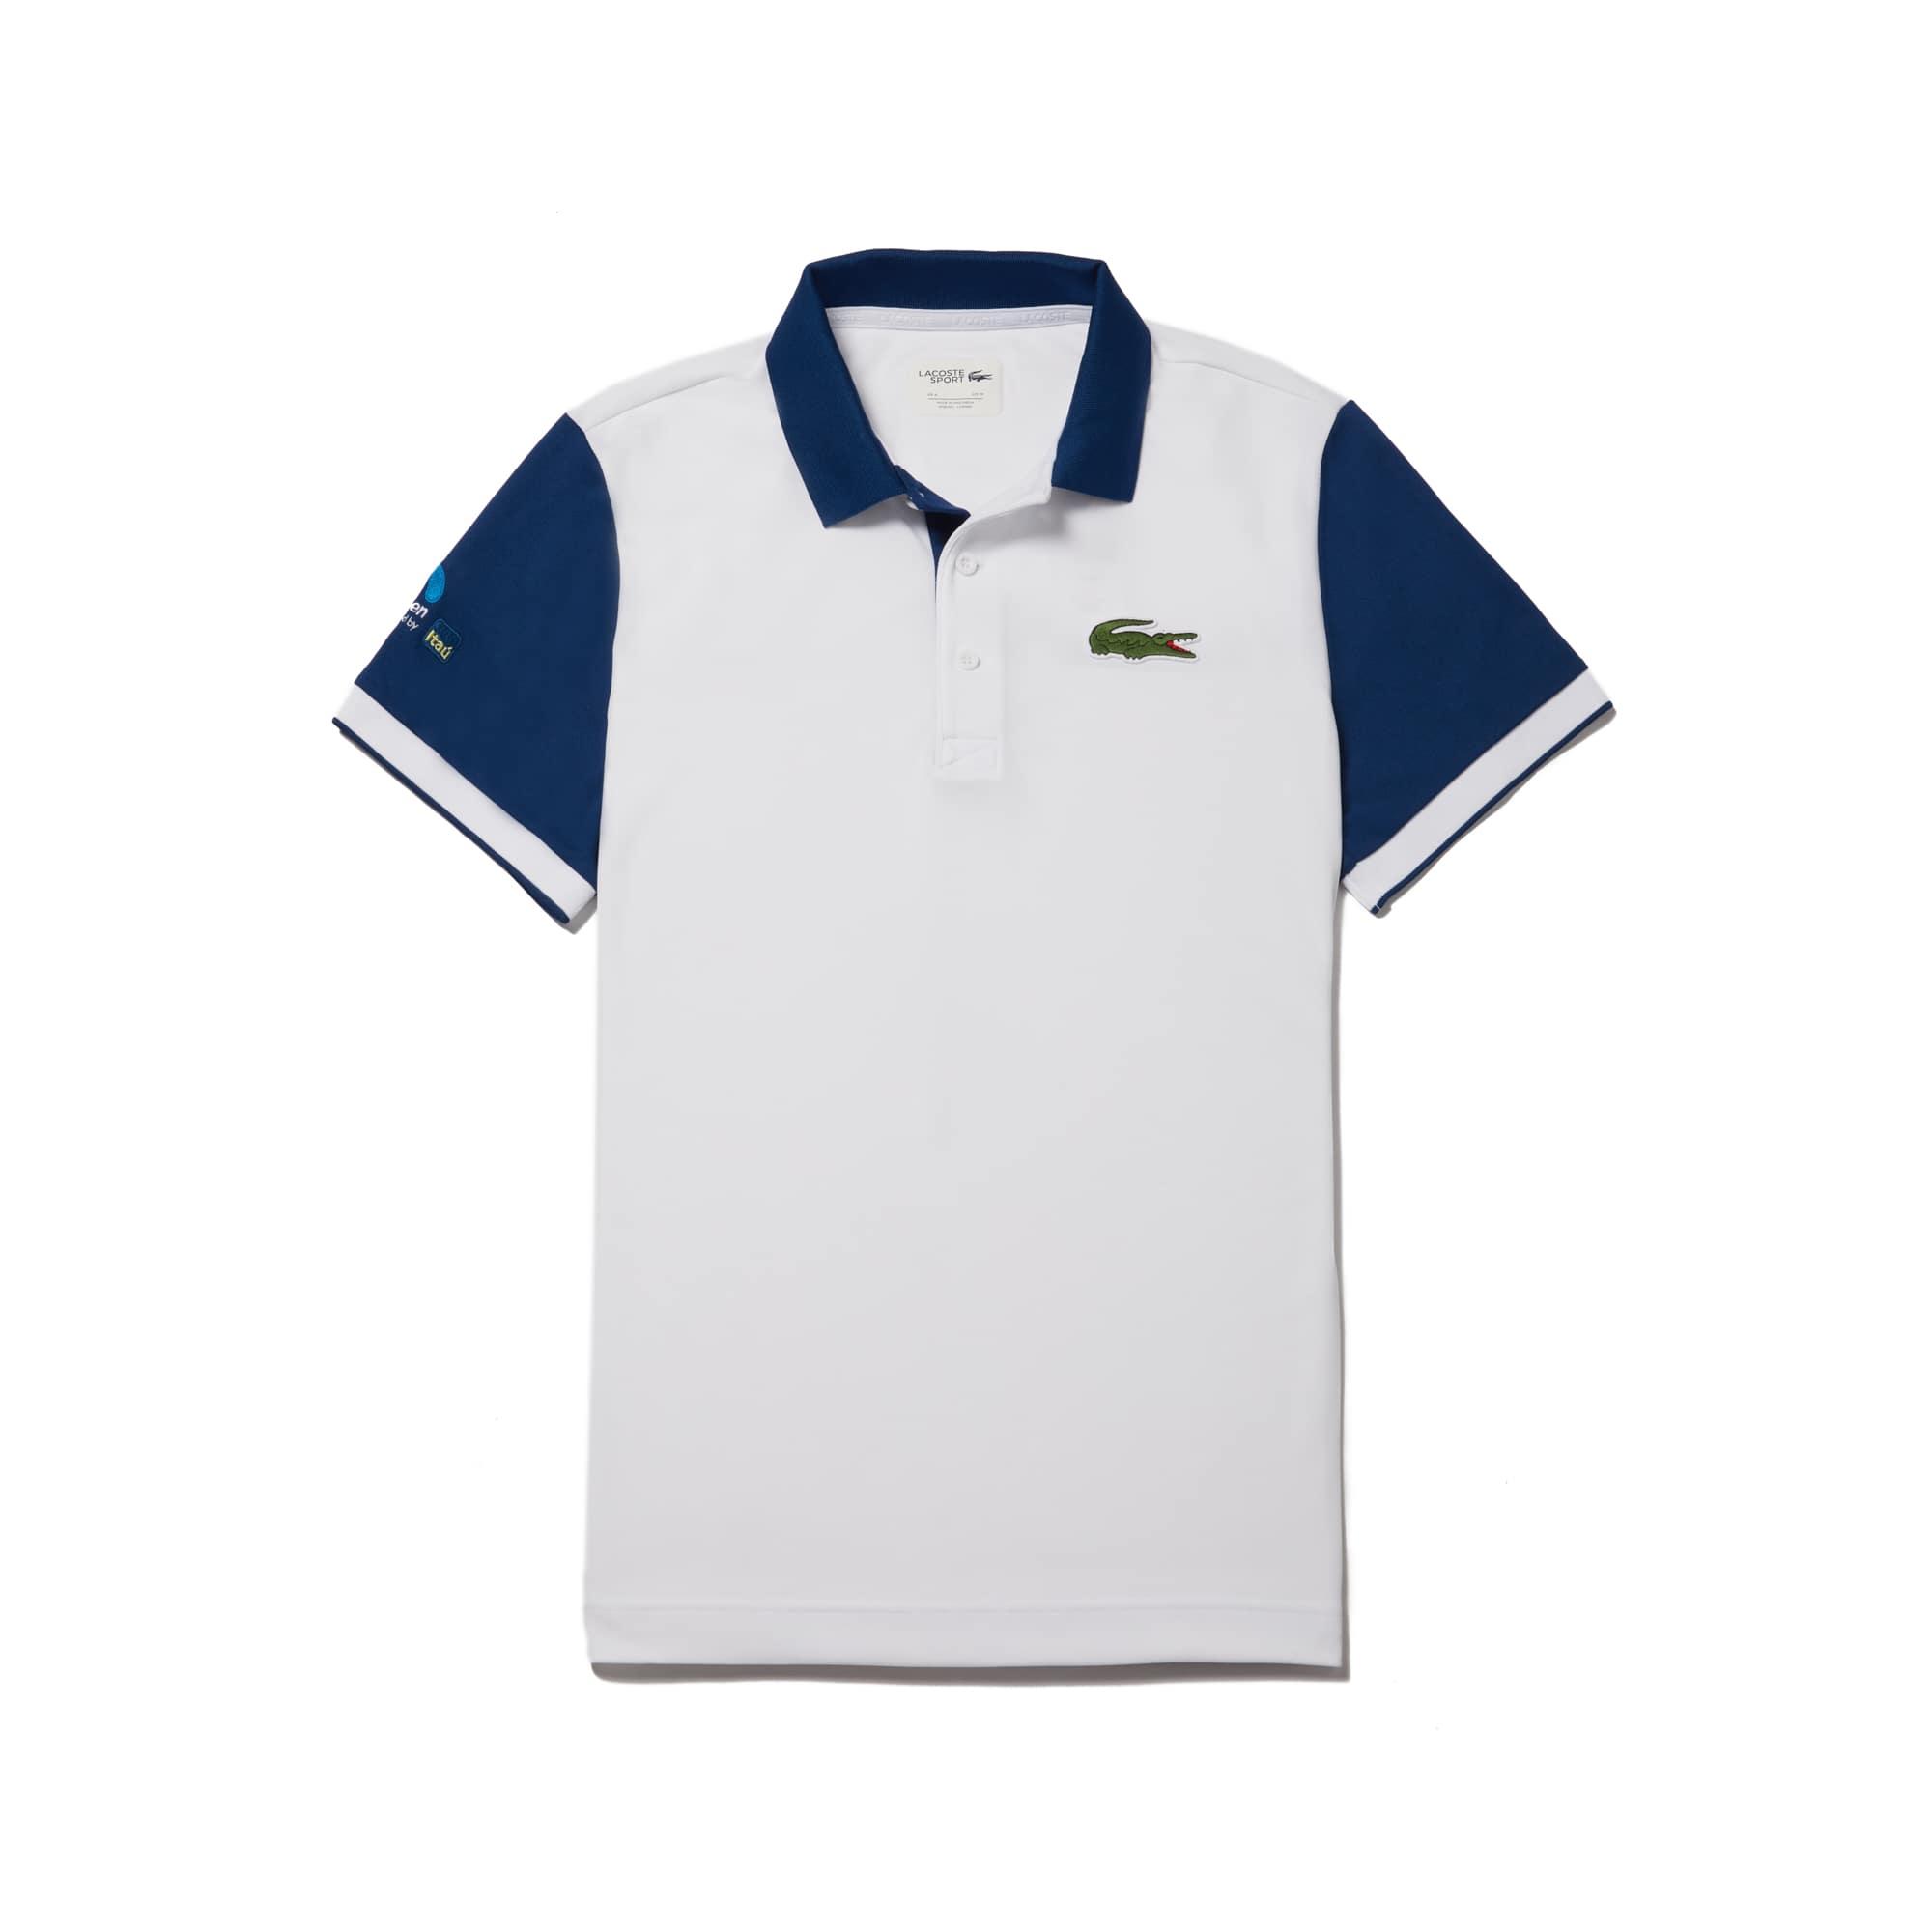 라코스테 스포츠 반팔 카라티 Lacoste Mens SPORT Miami Open Colorblock Tech Pique Tennis Polo,white/royal blue